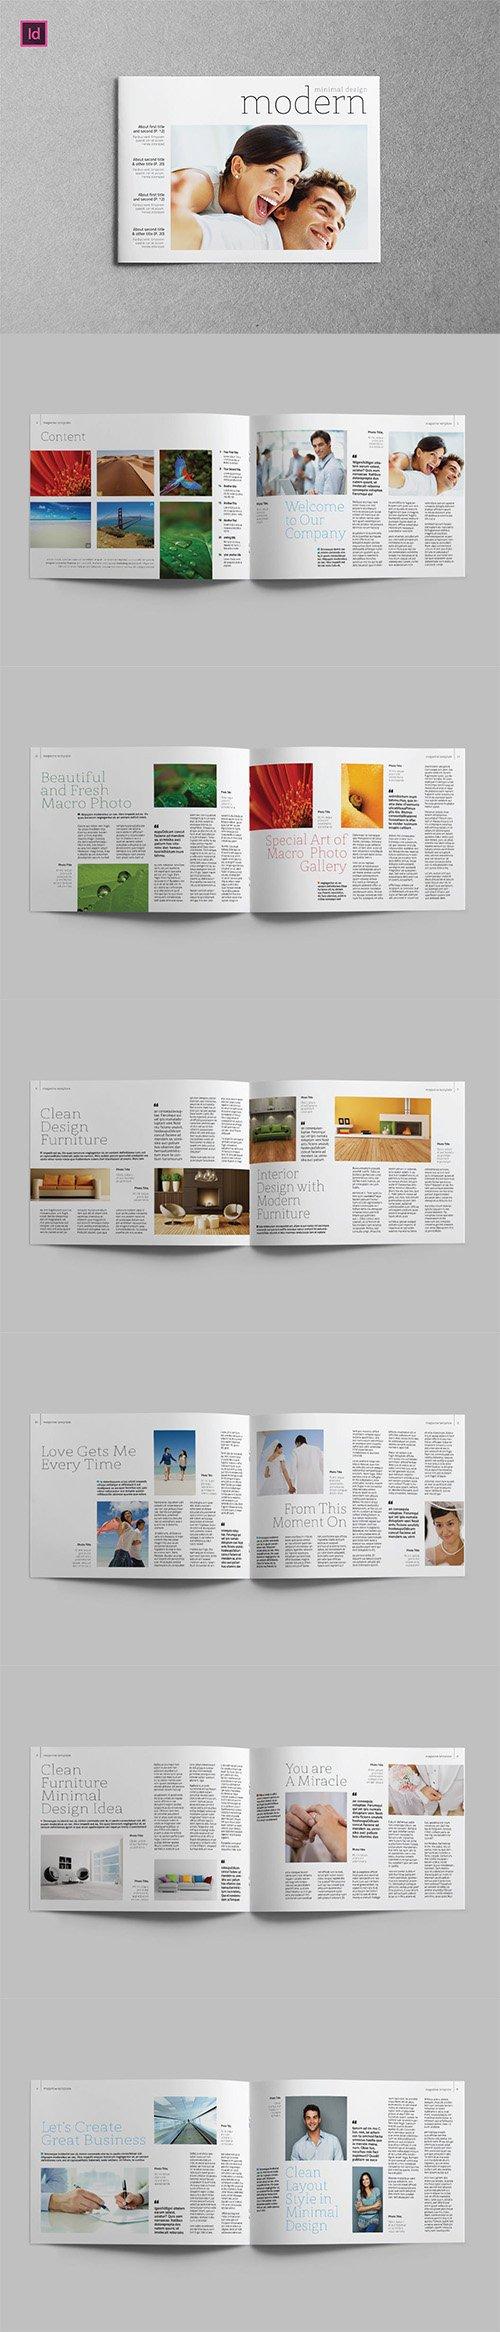 MODERN - Brochure A5 Landscape INDD